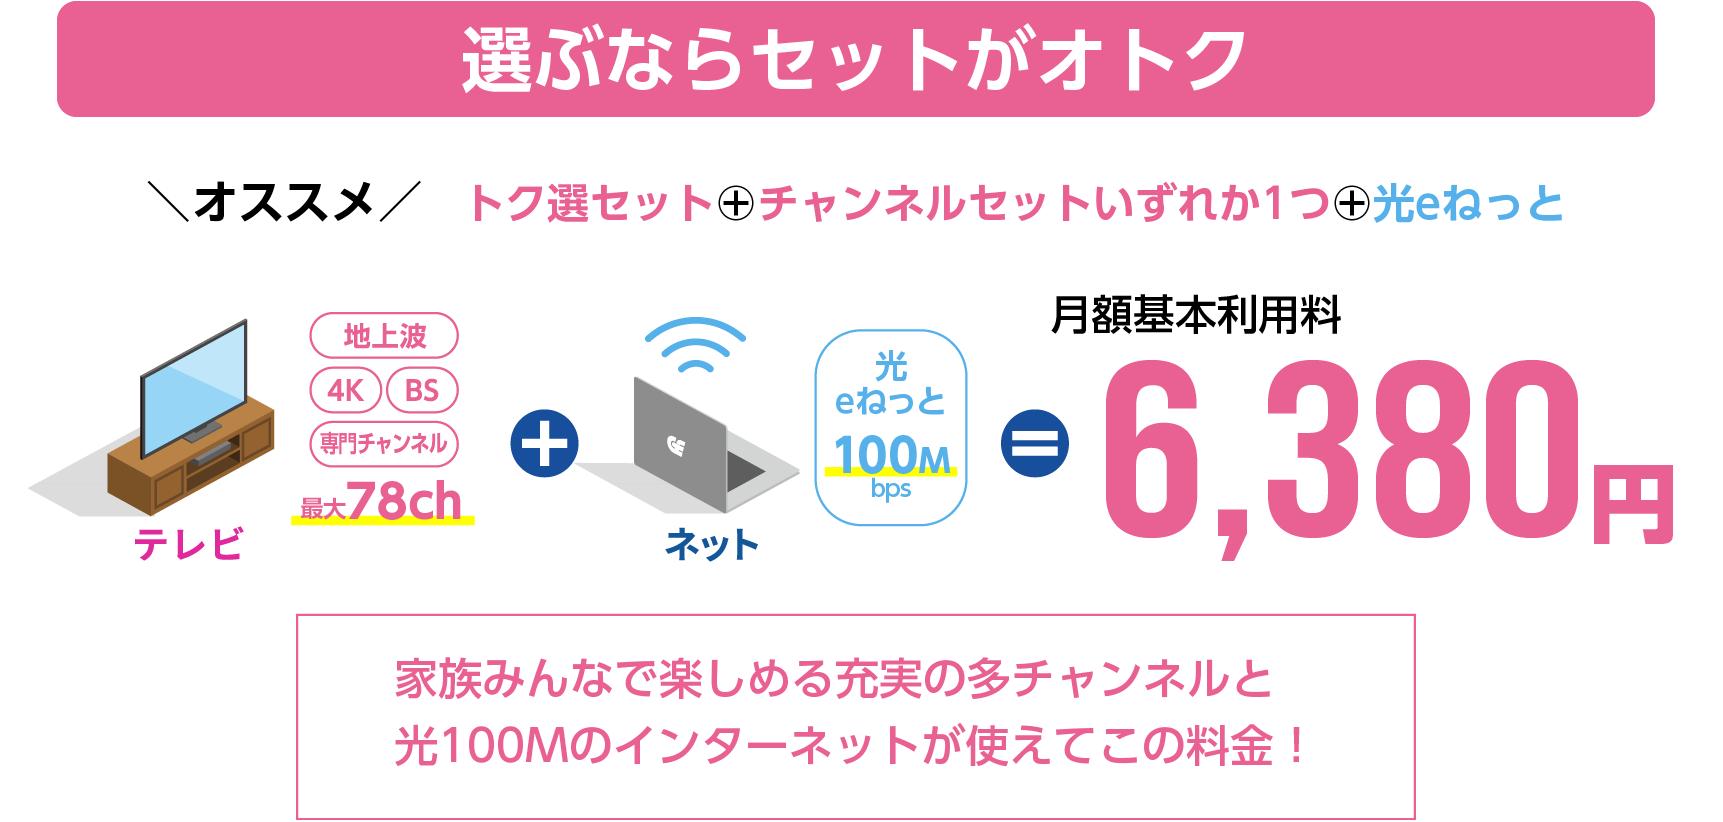 表 テレビ 番組 愛媛 県